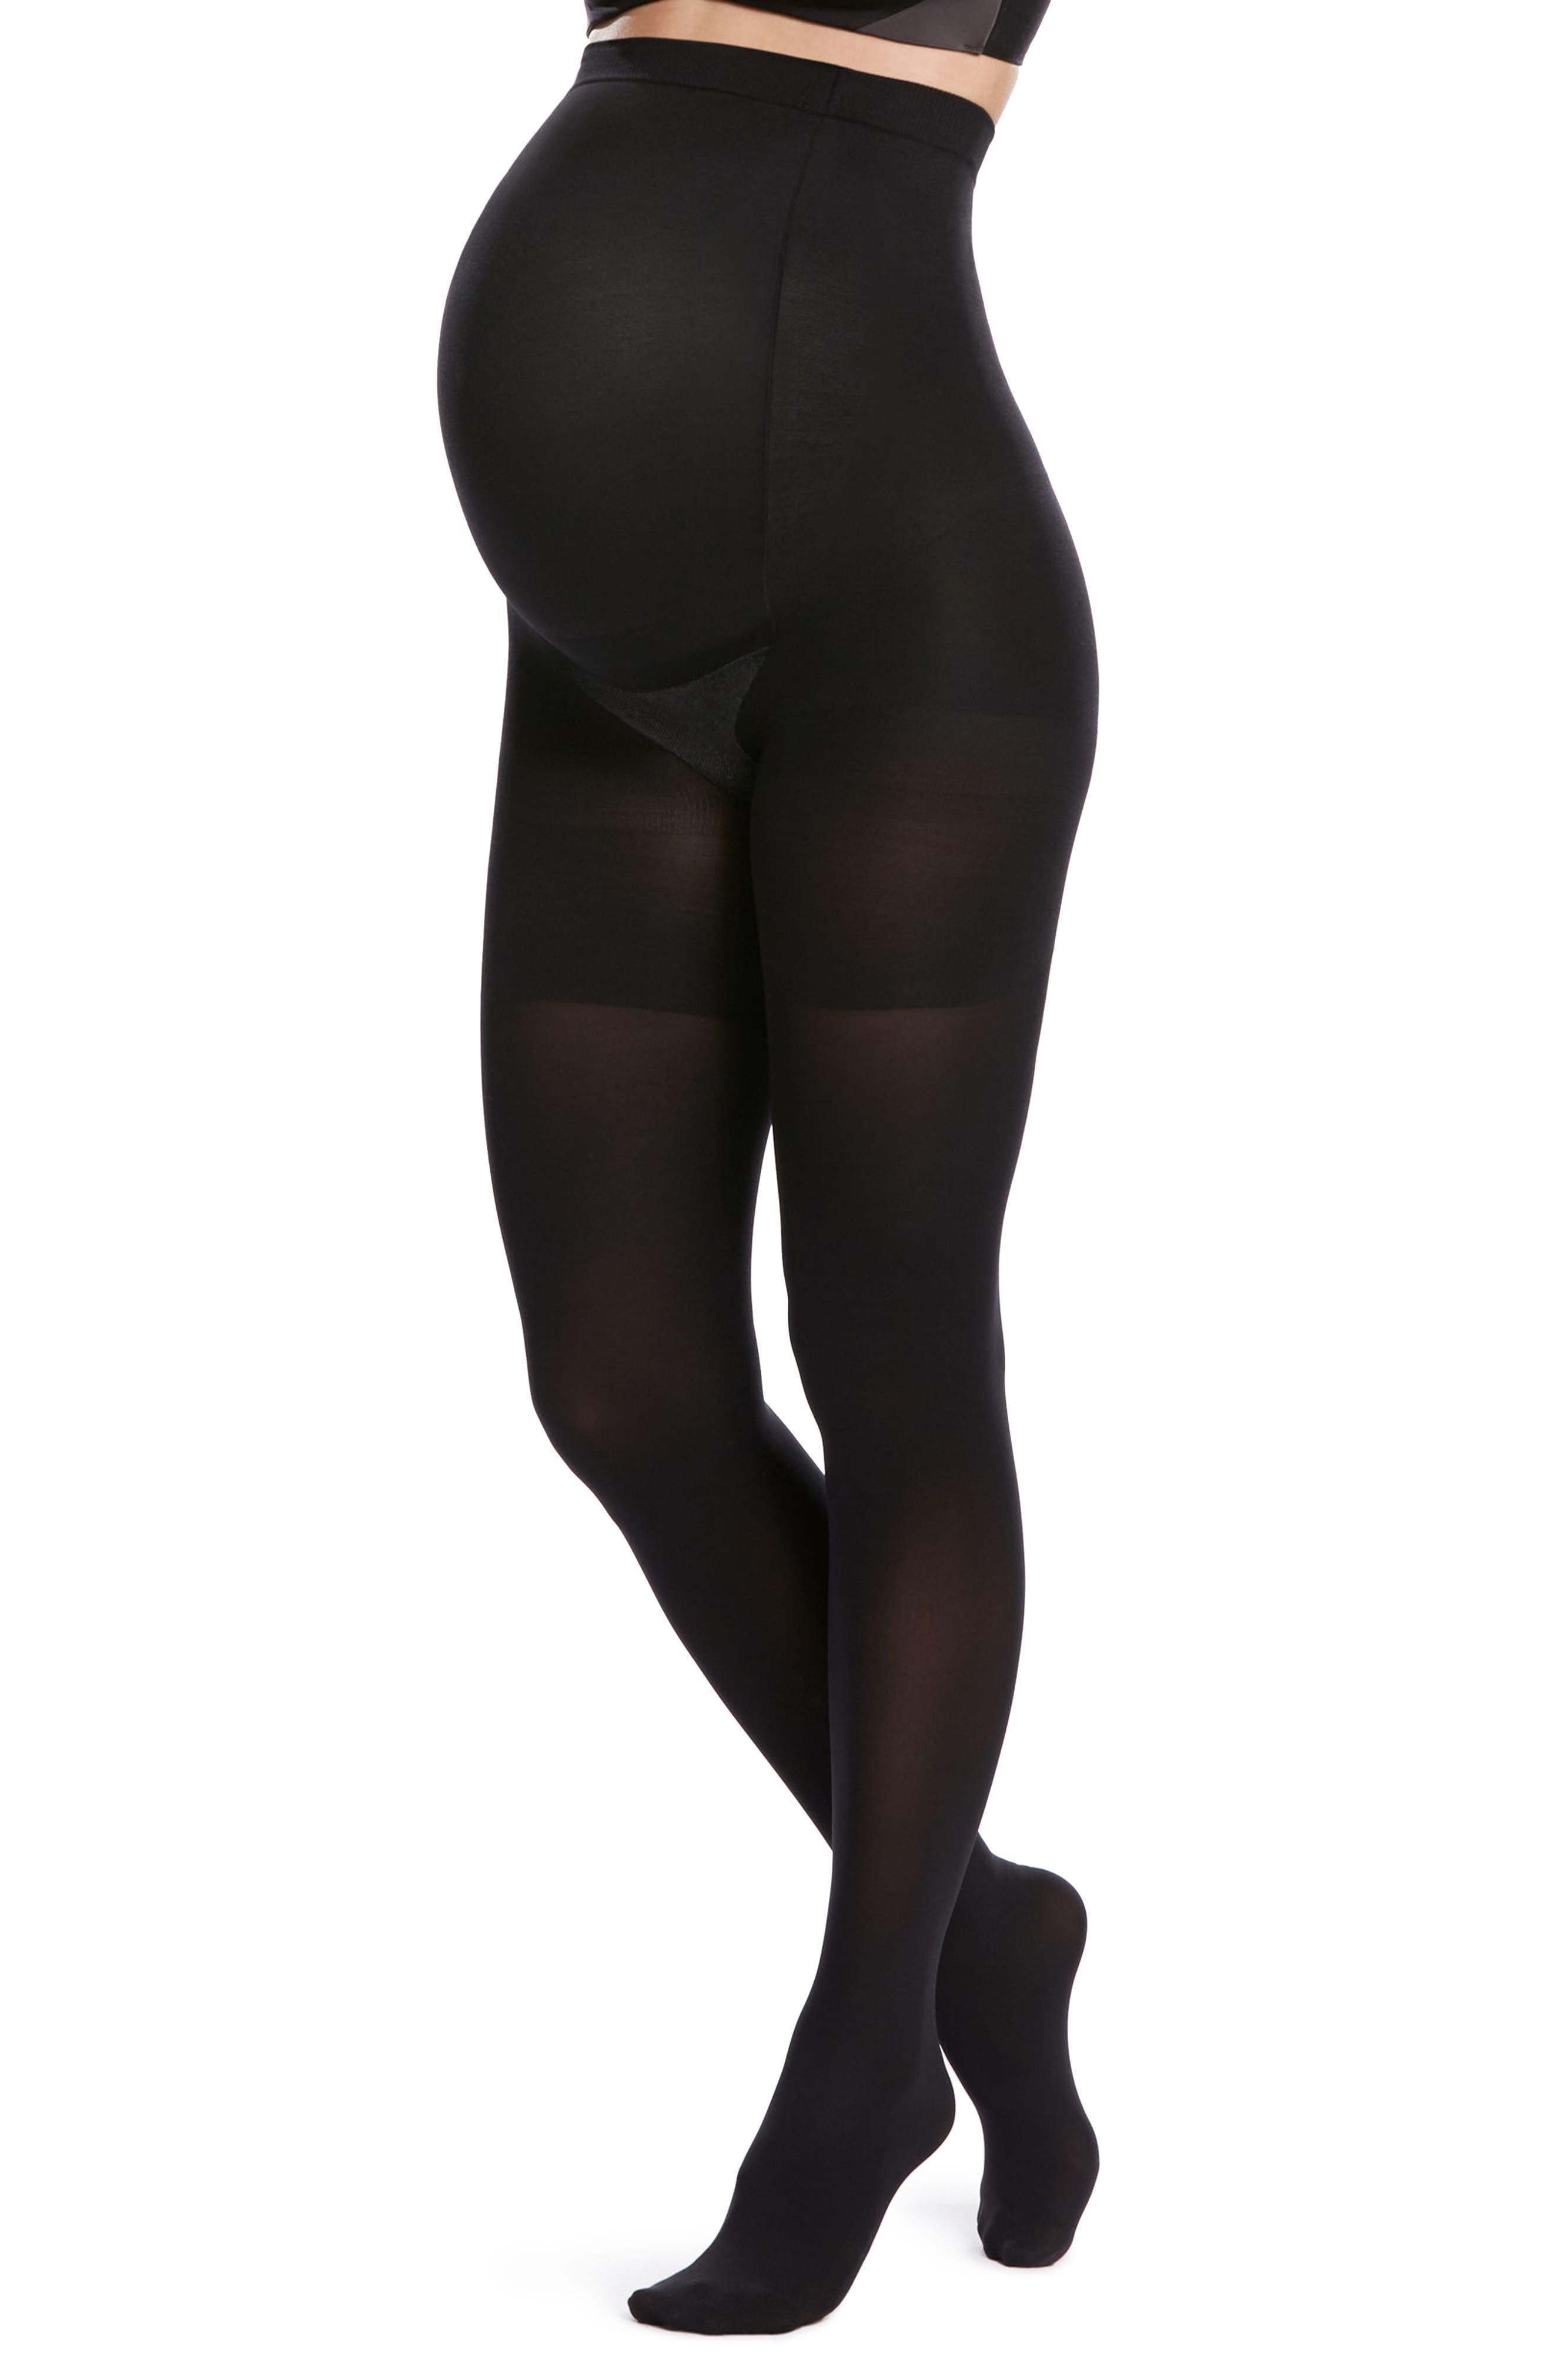 Spanx Mama Mid-Thigh Shaping Tights